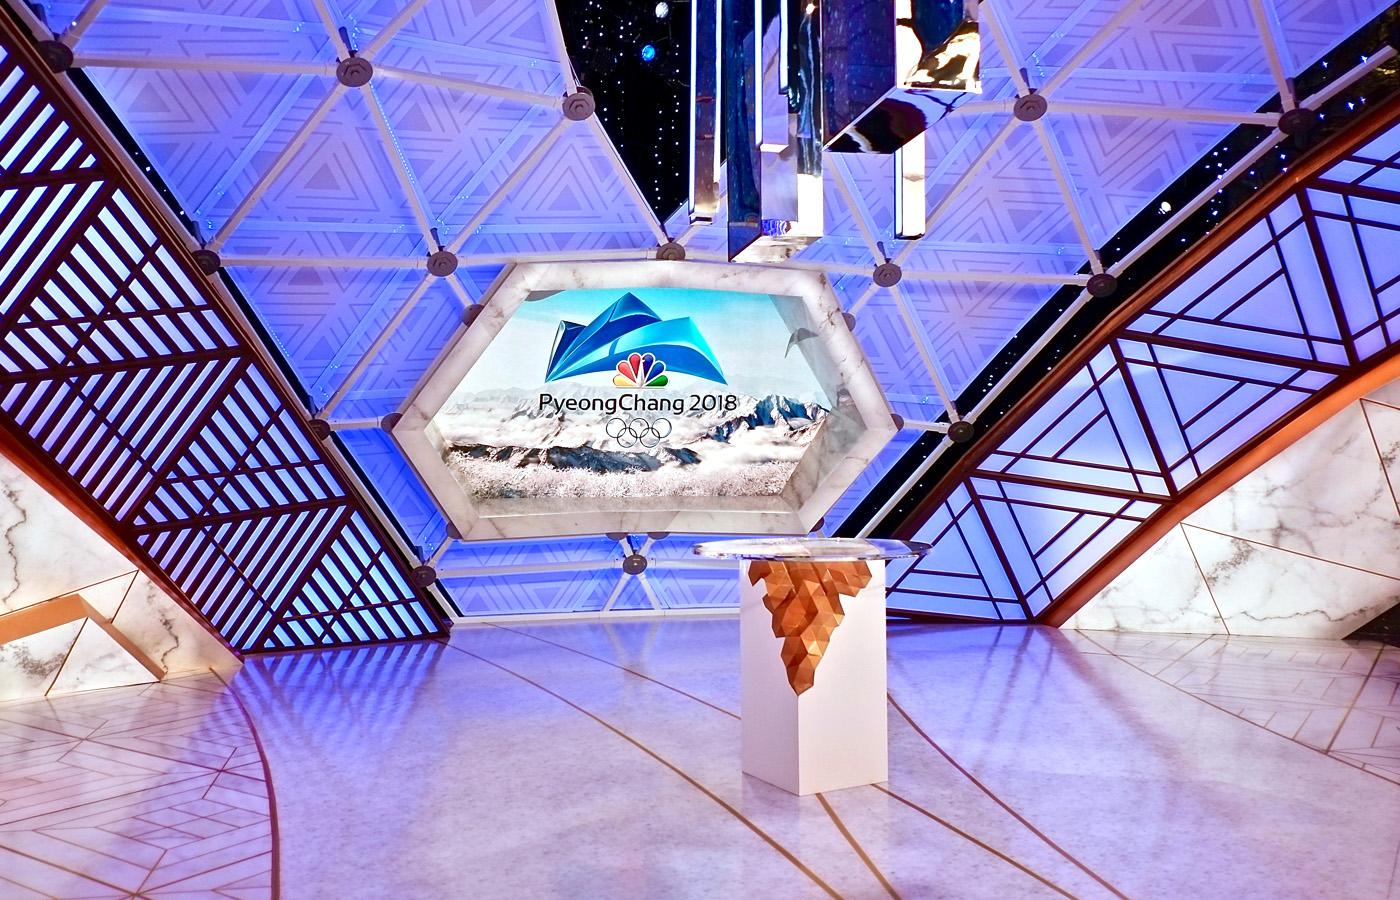 ncs_nbc-pyeongchang-olympic-tv-studio_0006